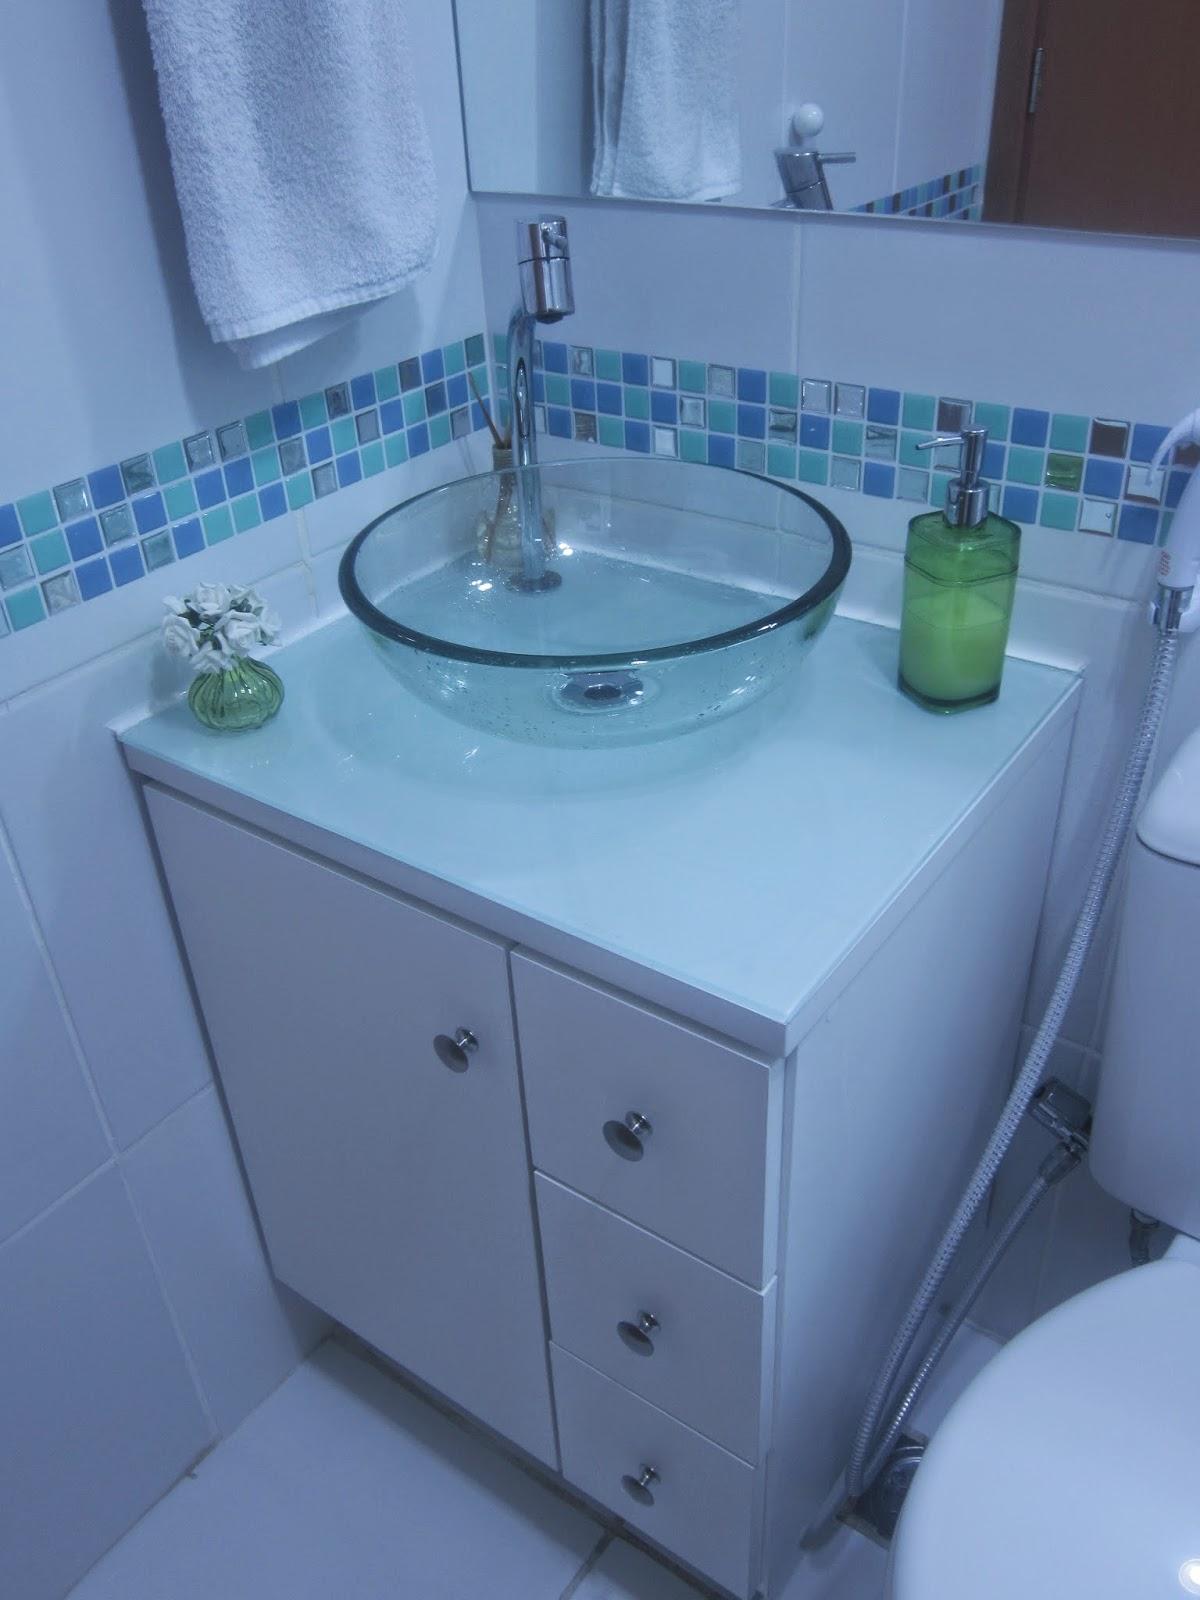 Cafofo Sonhado: Decorando banheiros pequenos: 2 banheiros 2m² cada  #2B5FA0 1200 1600